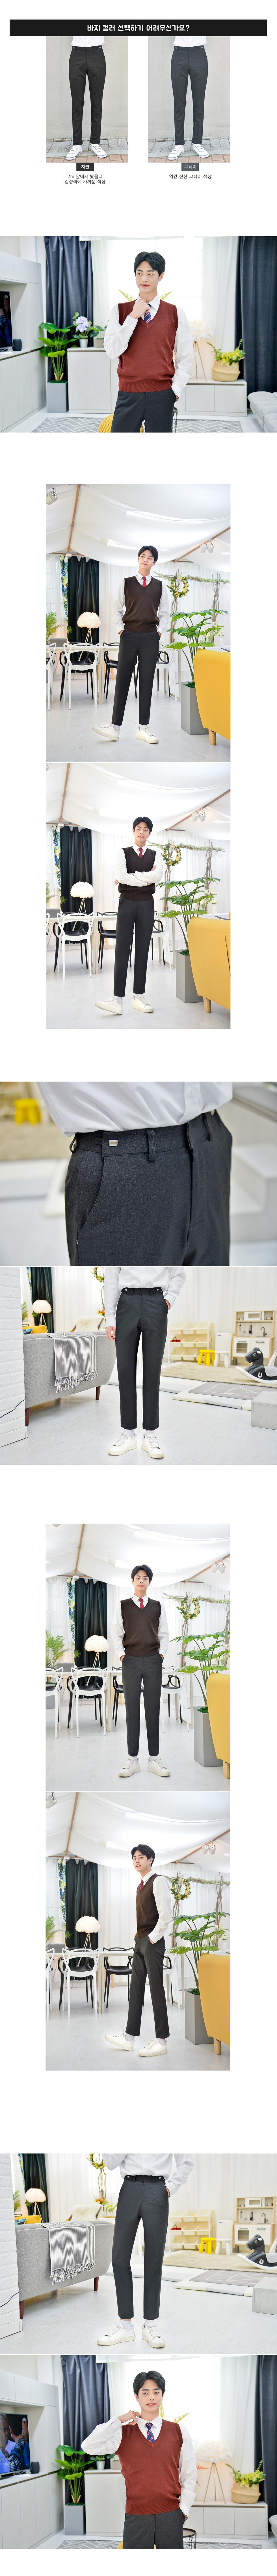 [허리조절] 스판 차콜 교복바지(남자) - 교복몰, 42,800원, 남성 스쿨룩, 하의